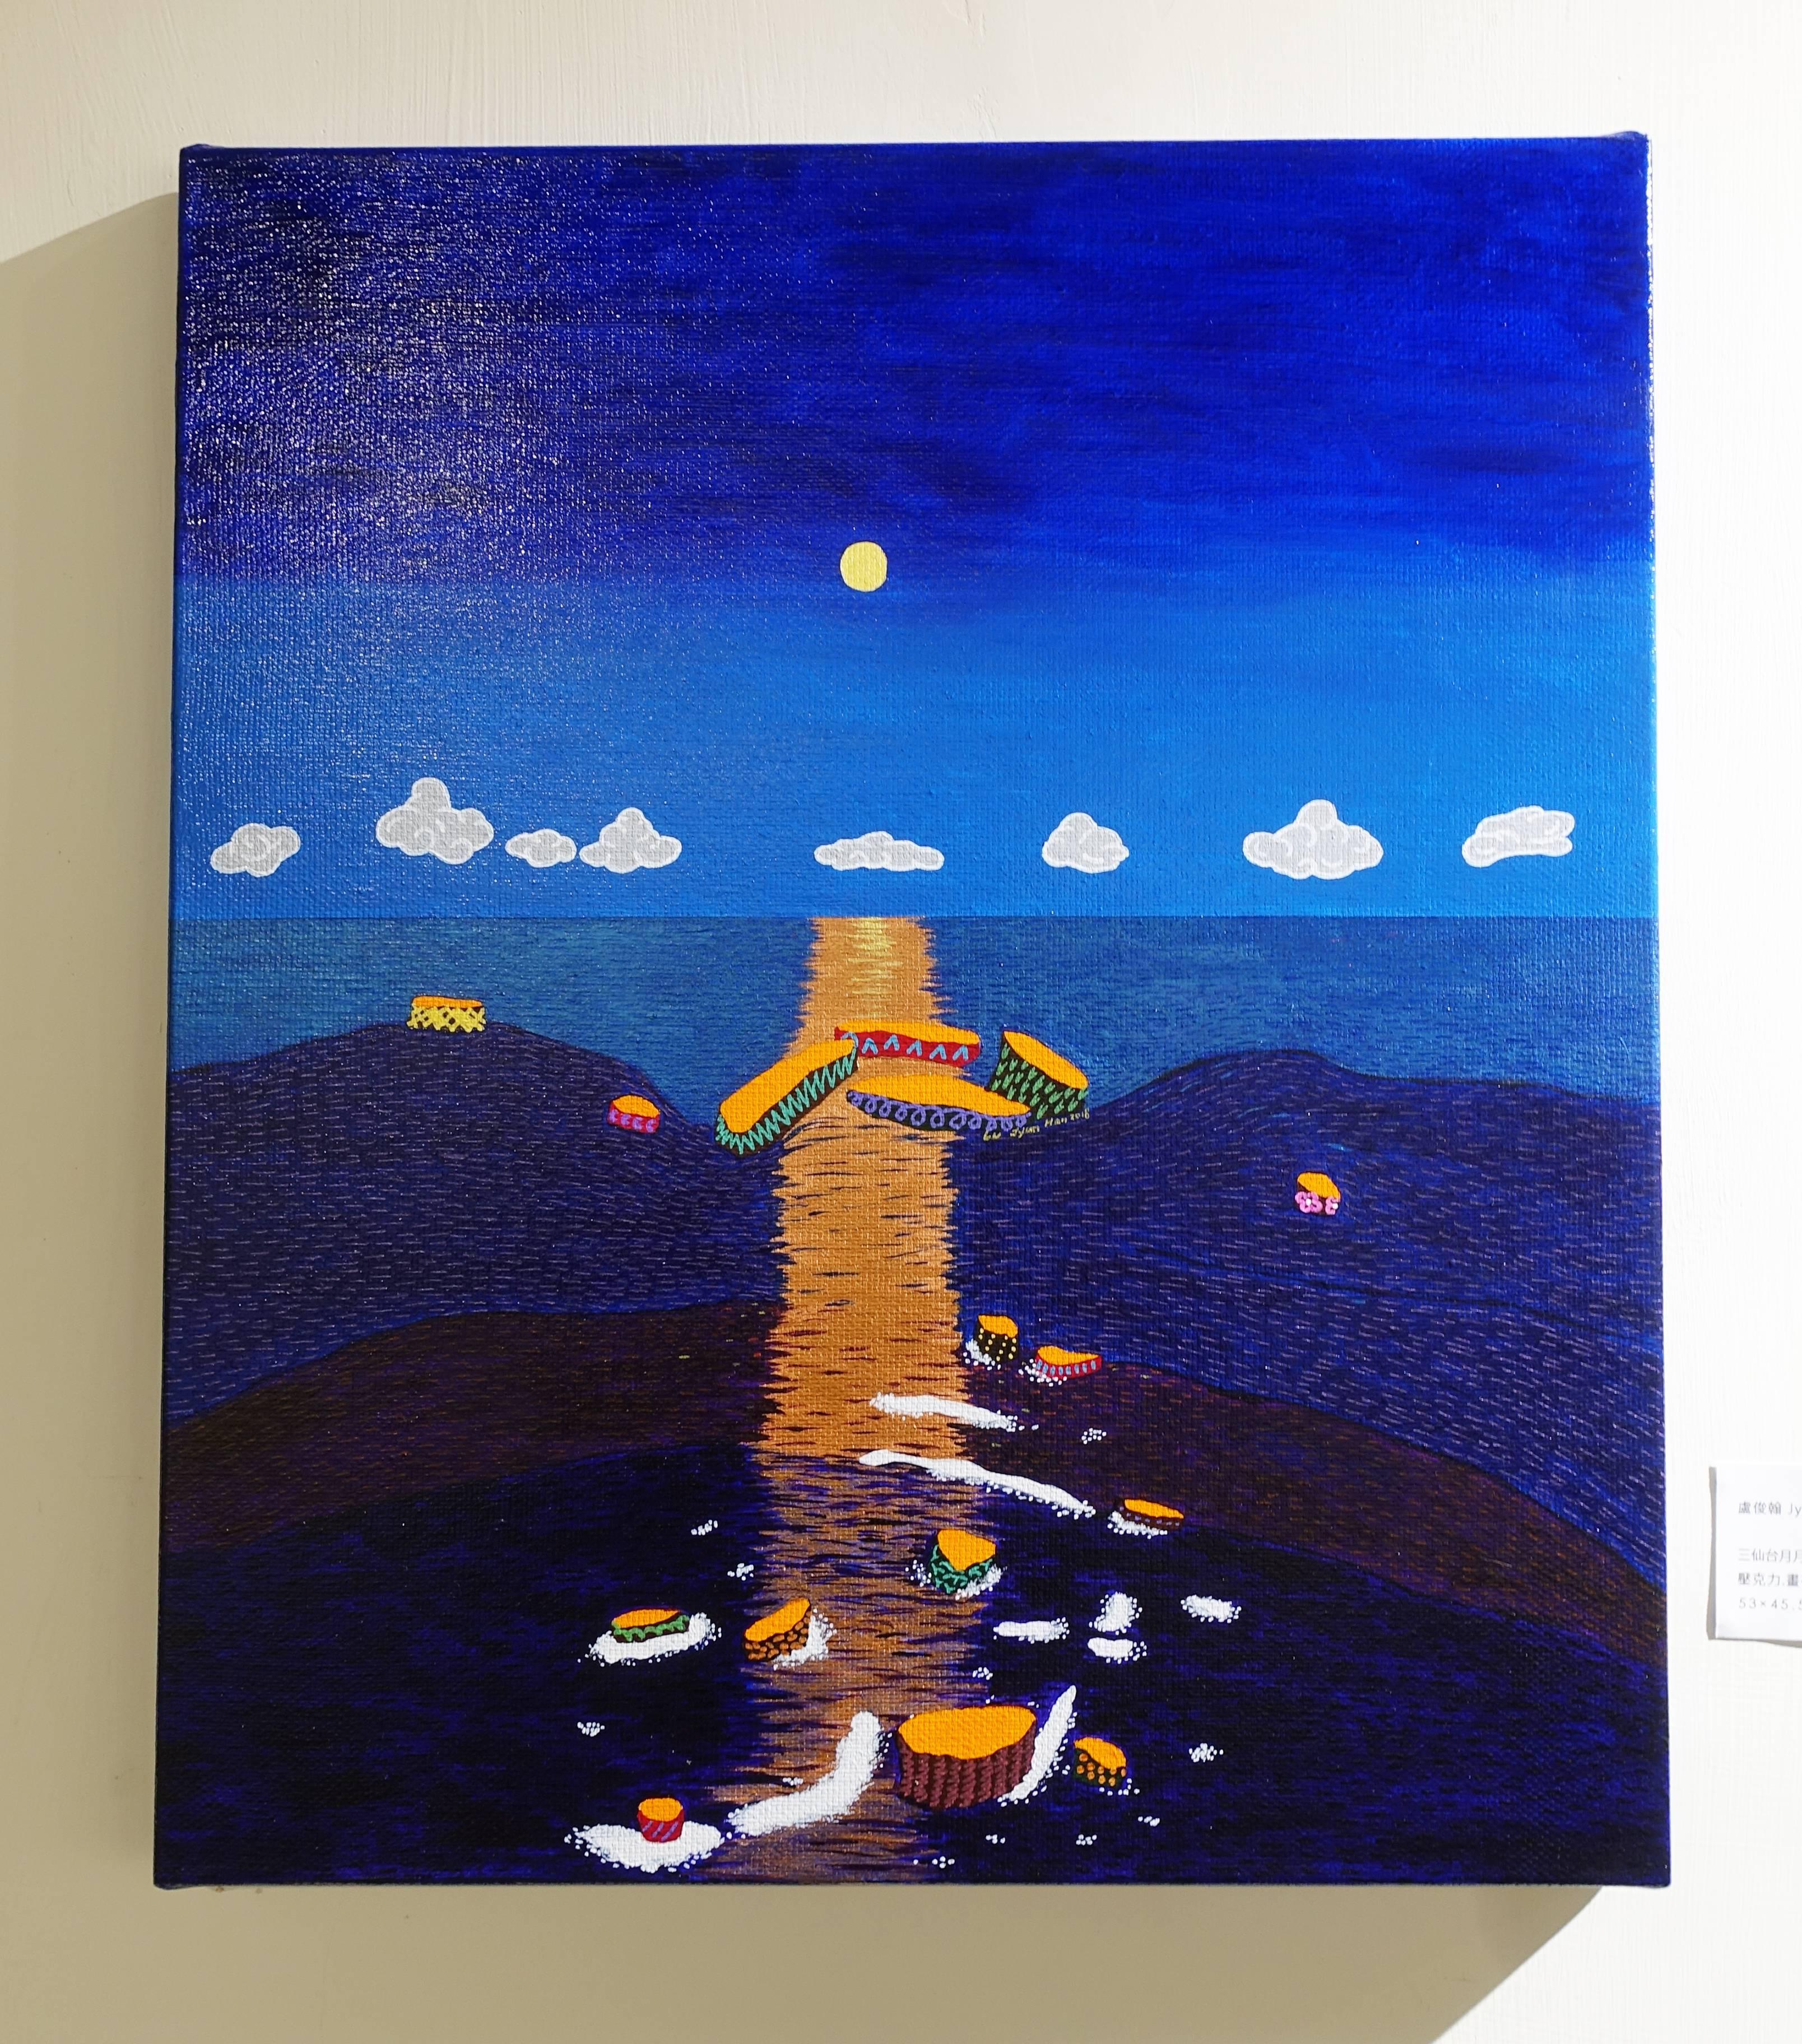 盧俊翰,《三仙台月月光海》,53 x 45.5 cm,壓克力,2018。